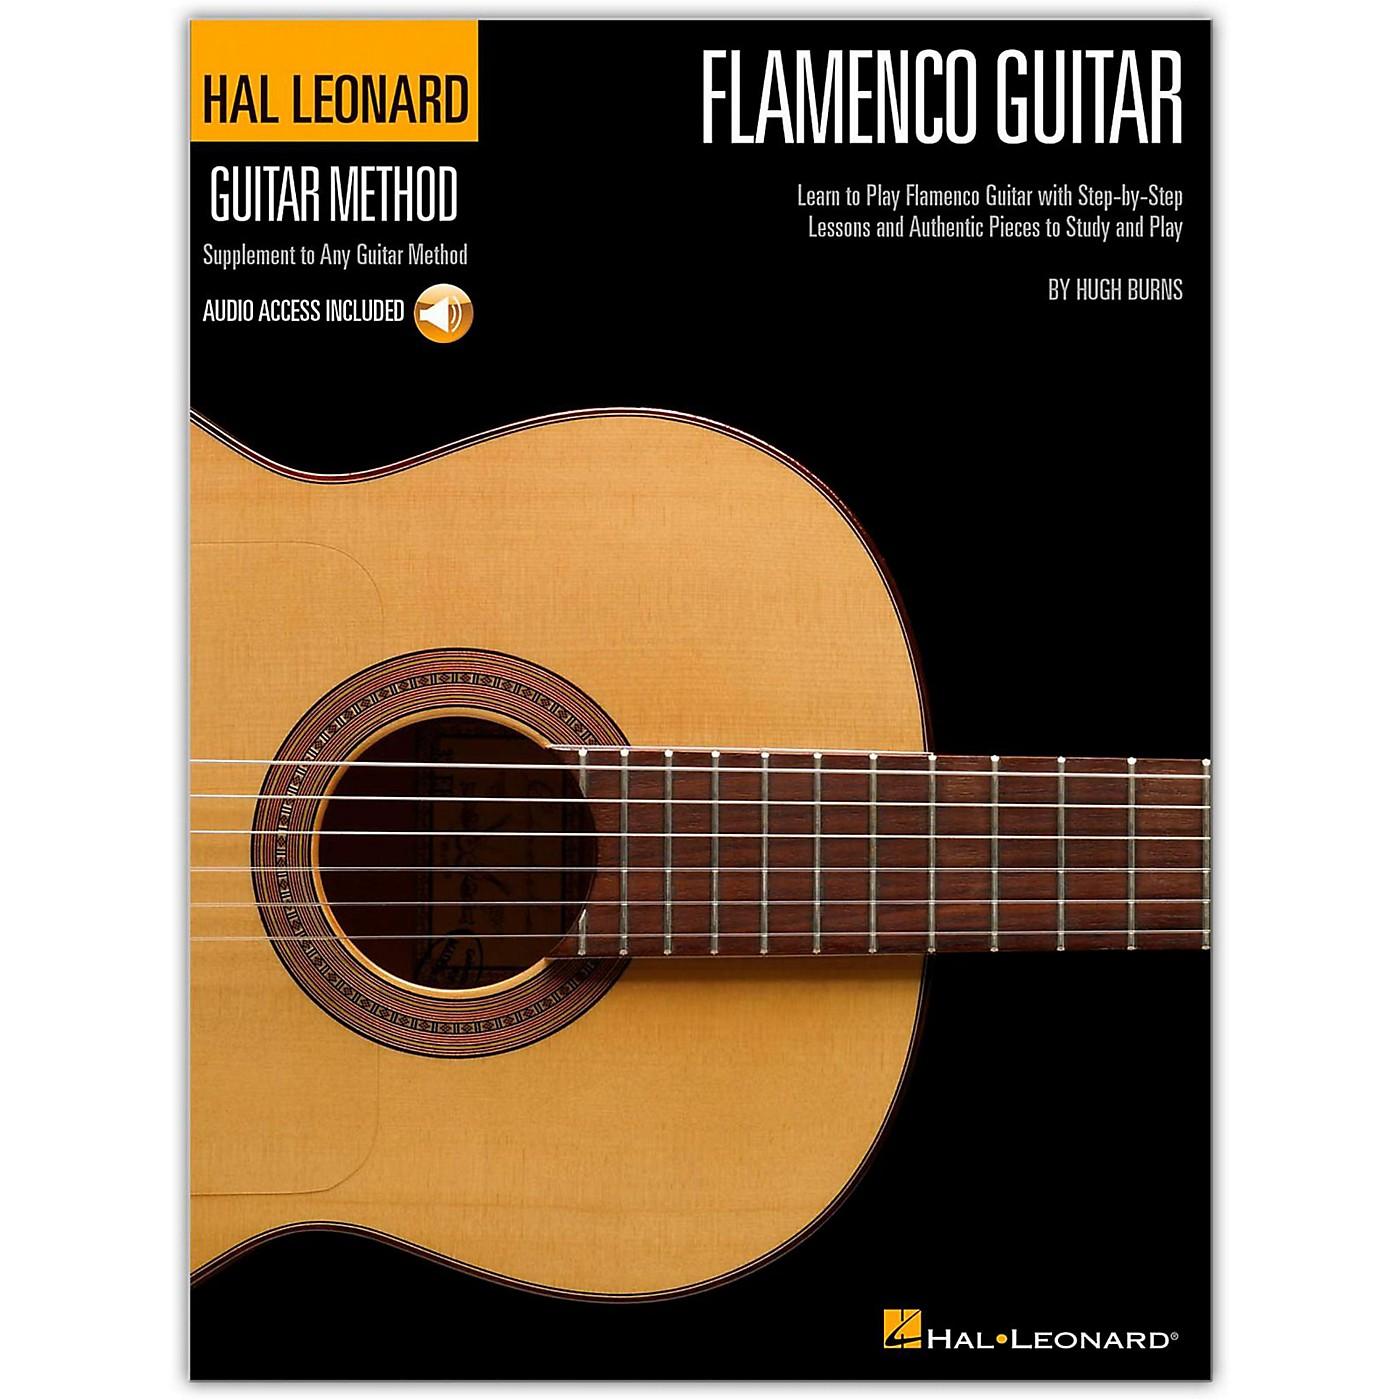 Hal Leonard Guitar Method - Flamenco Guitar (Book/Online Audio) thumbnail